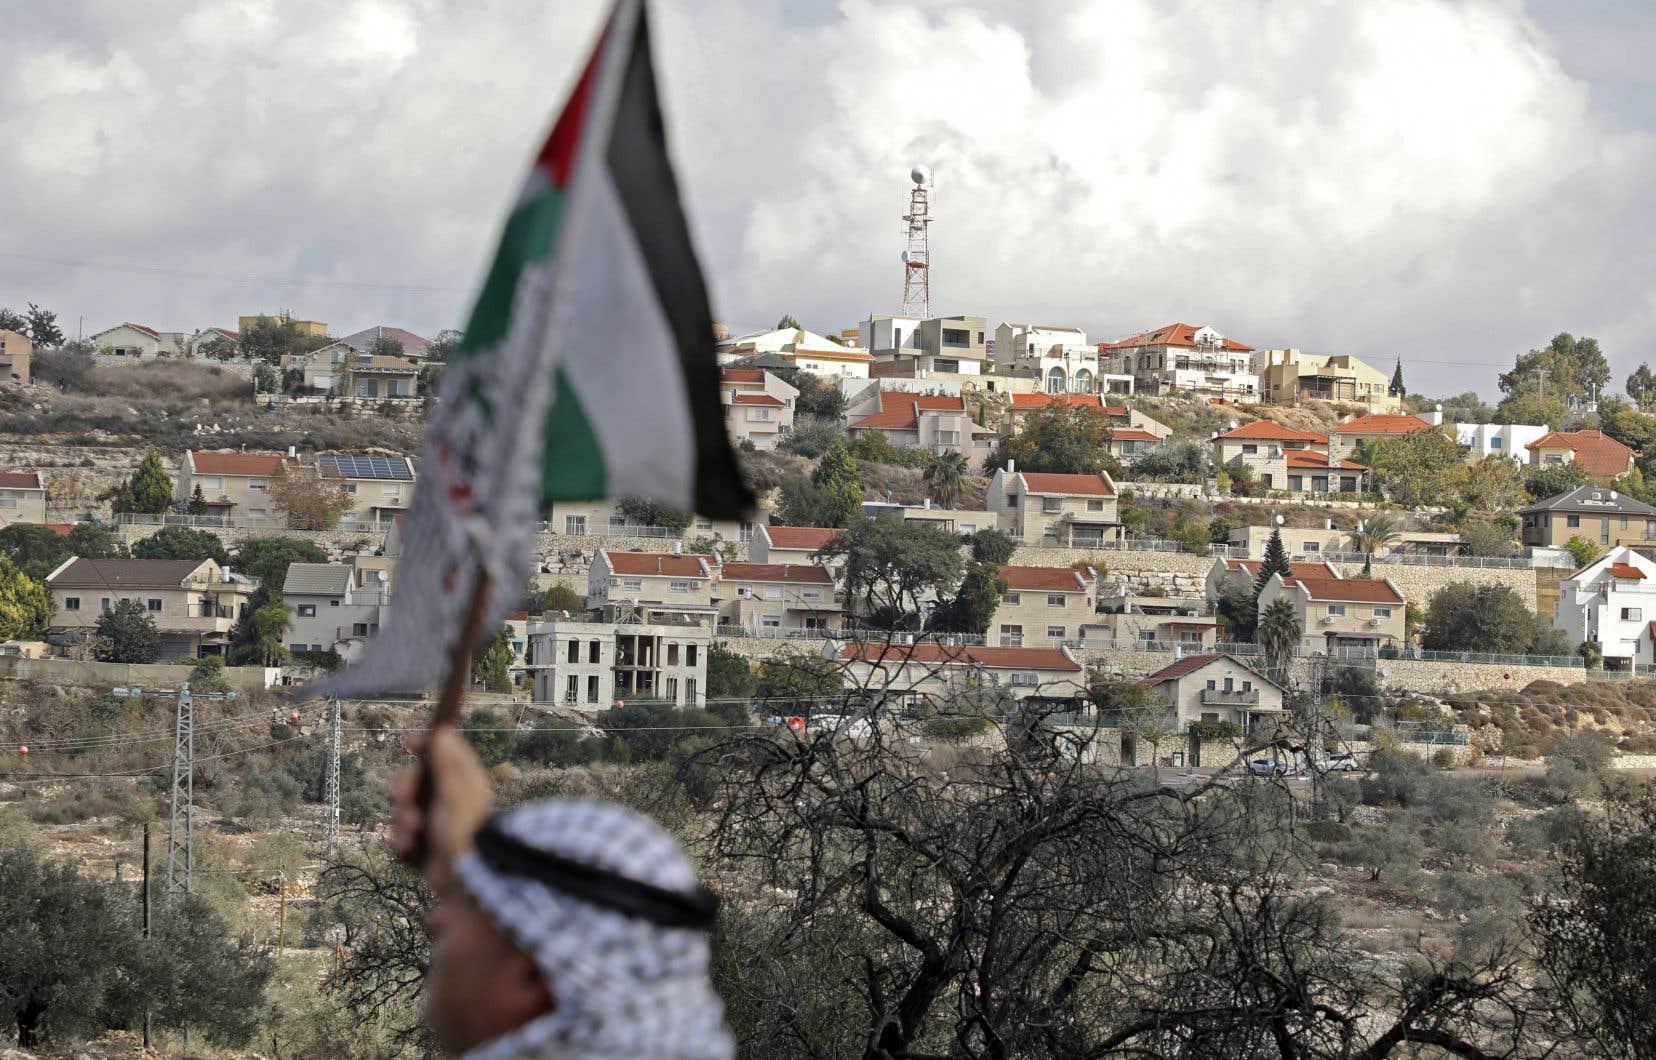 Un manifestant palestinien brandissait son drapeau national devant la colonie juive de Kdumim, en Cisjordanie, le 6 décembre dernier, pour protester contre l'expropriation pratiquée par Israël dans le village de Kafr Qaddum.